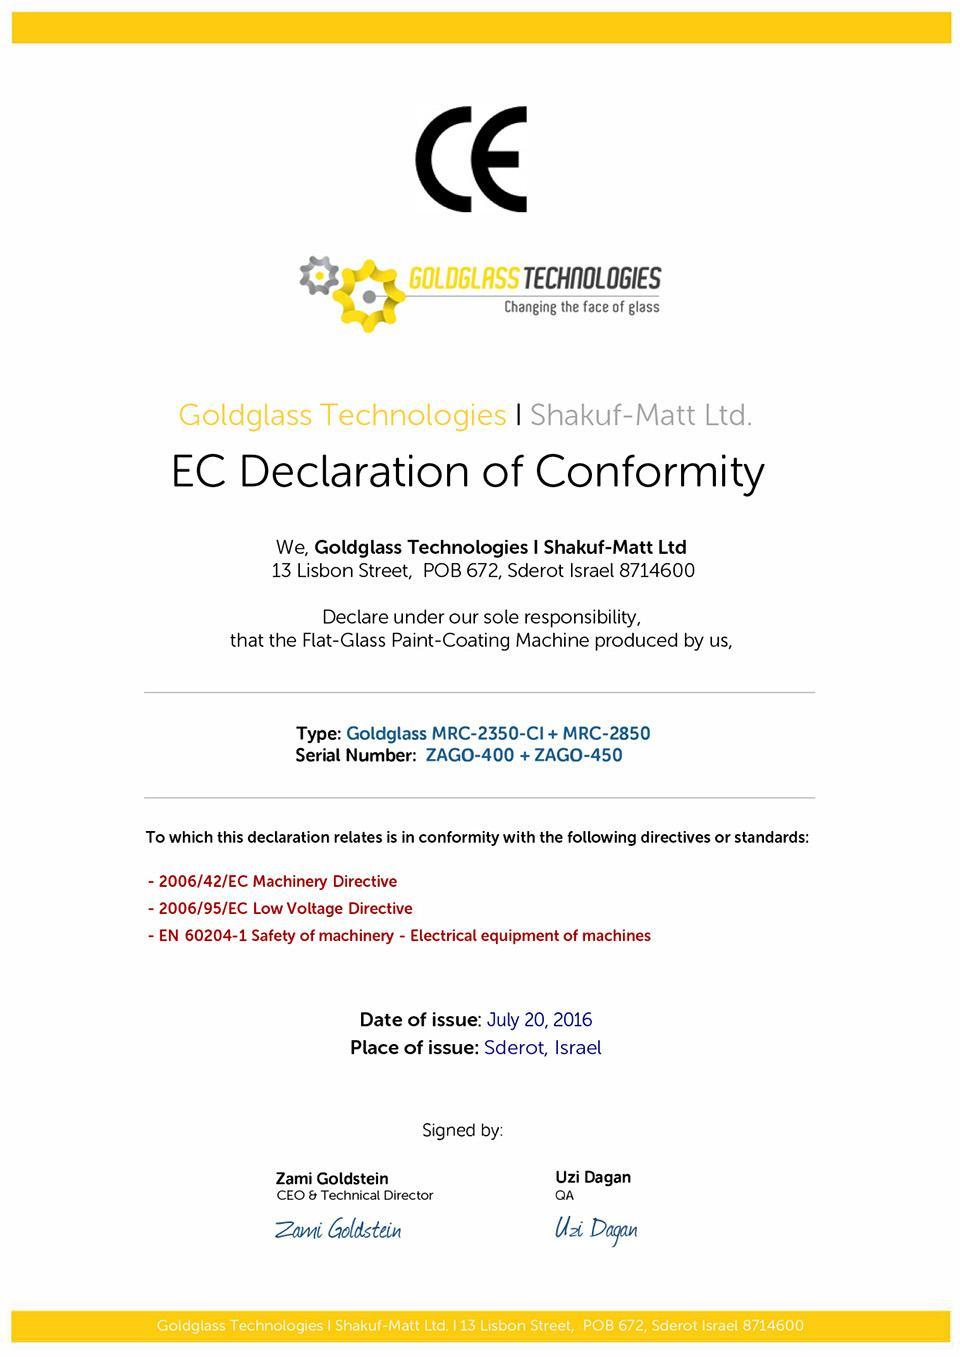 Ce Declaration Of Conformity Form